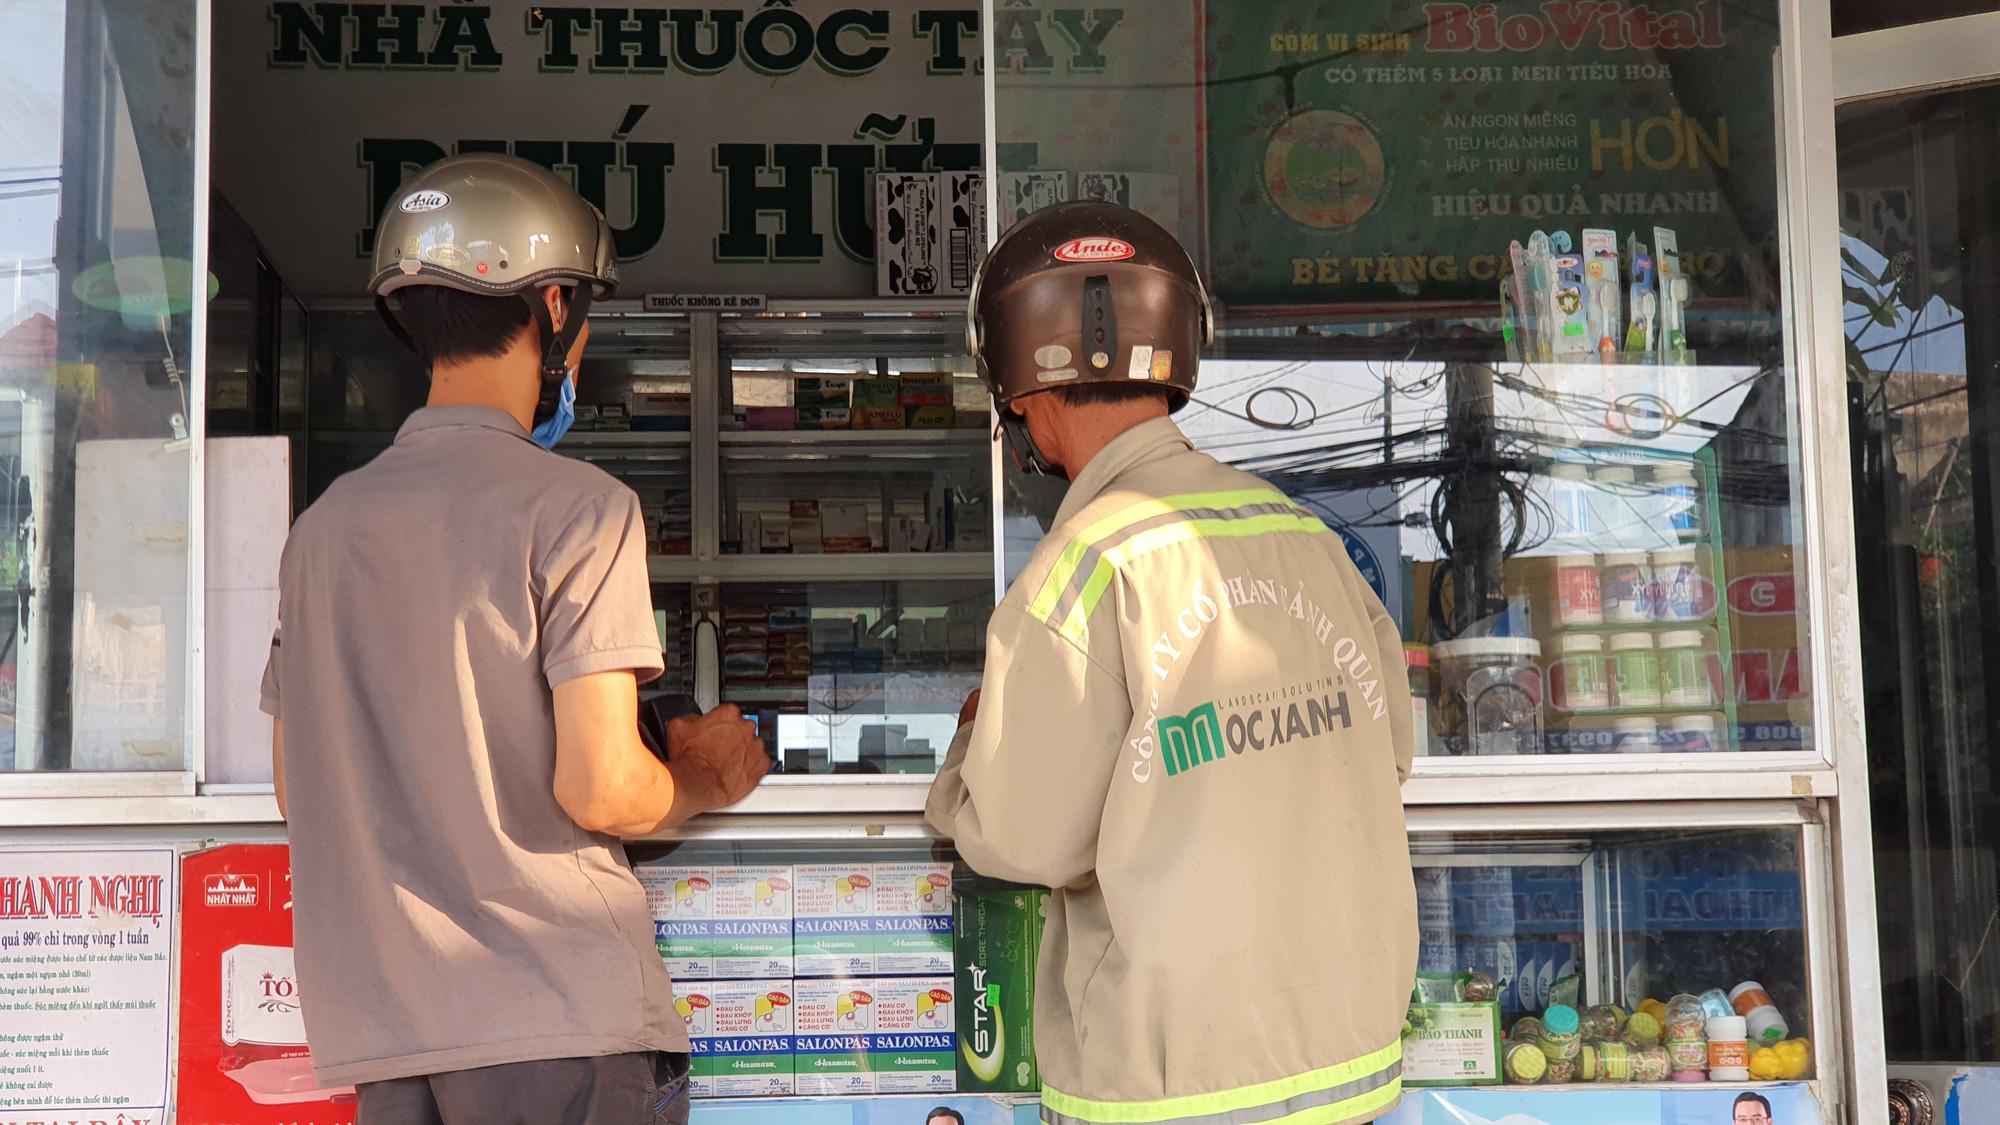 Khẩu trang y tế vẫn có giá 40.000 đồng/hộp tại Bình Chánh, quận 9, Củ Chi… - Ảnh 1.